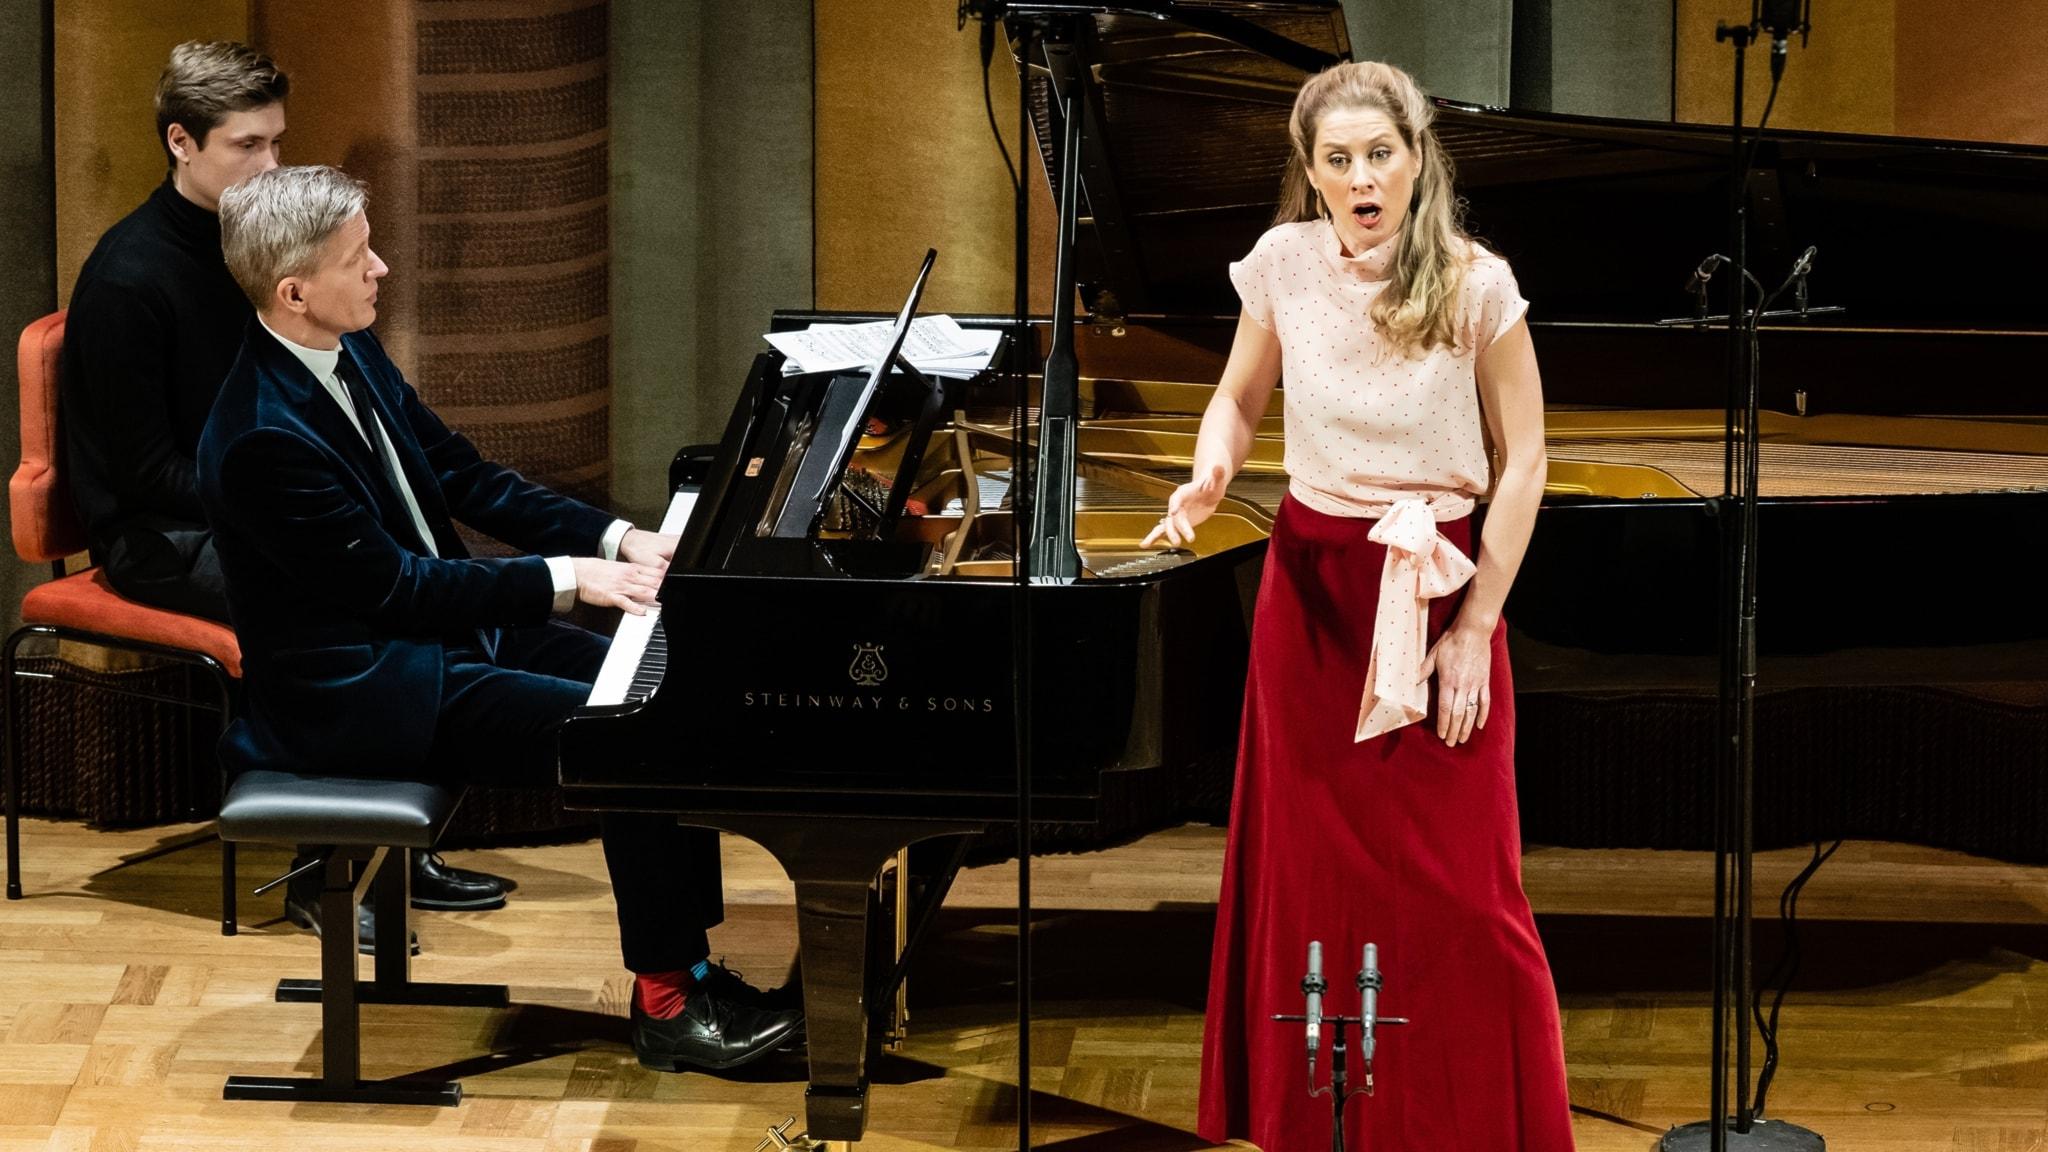 Bild: Magnus Svensson och Malin Byström.